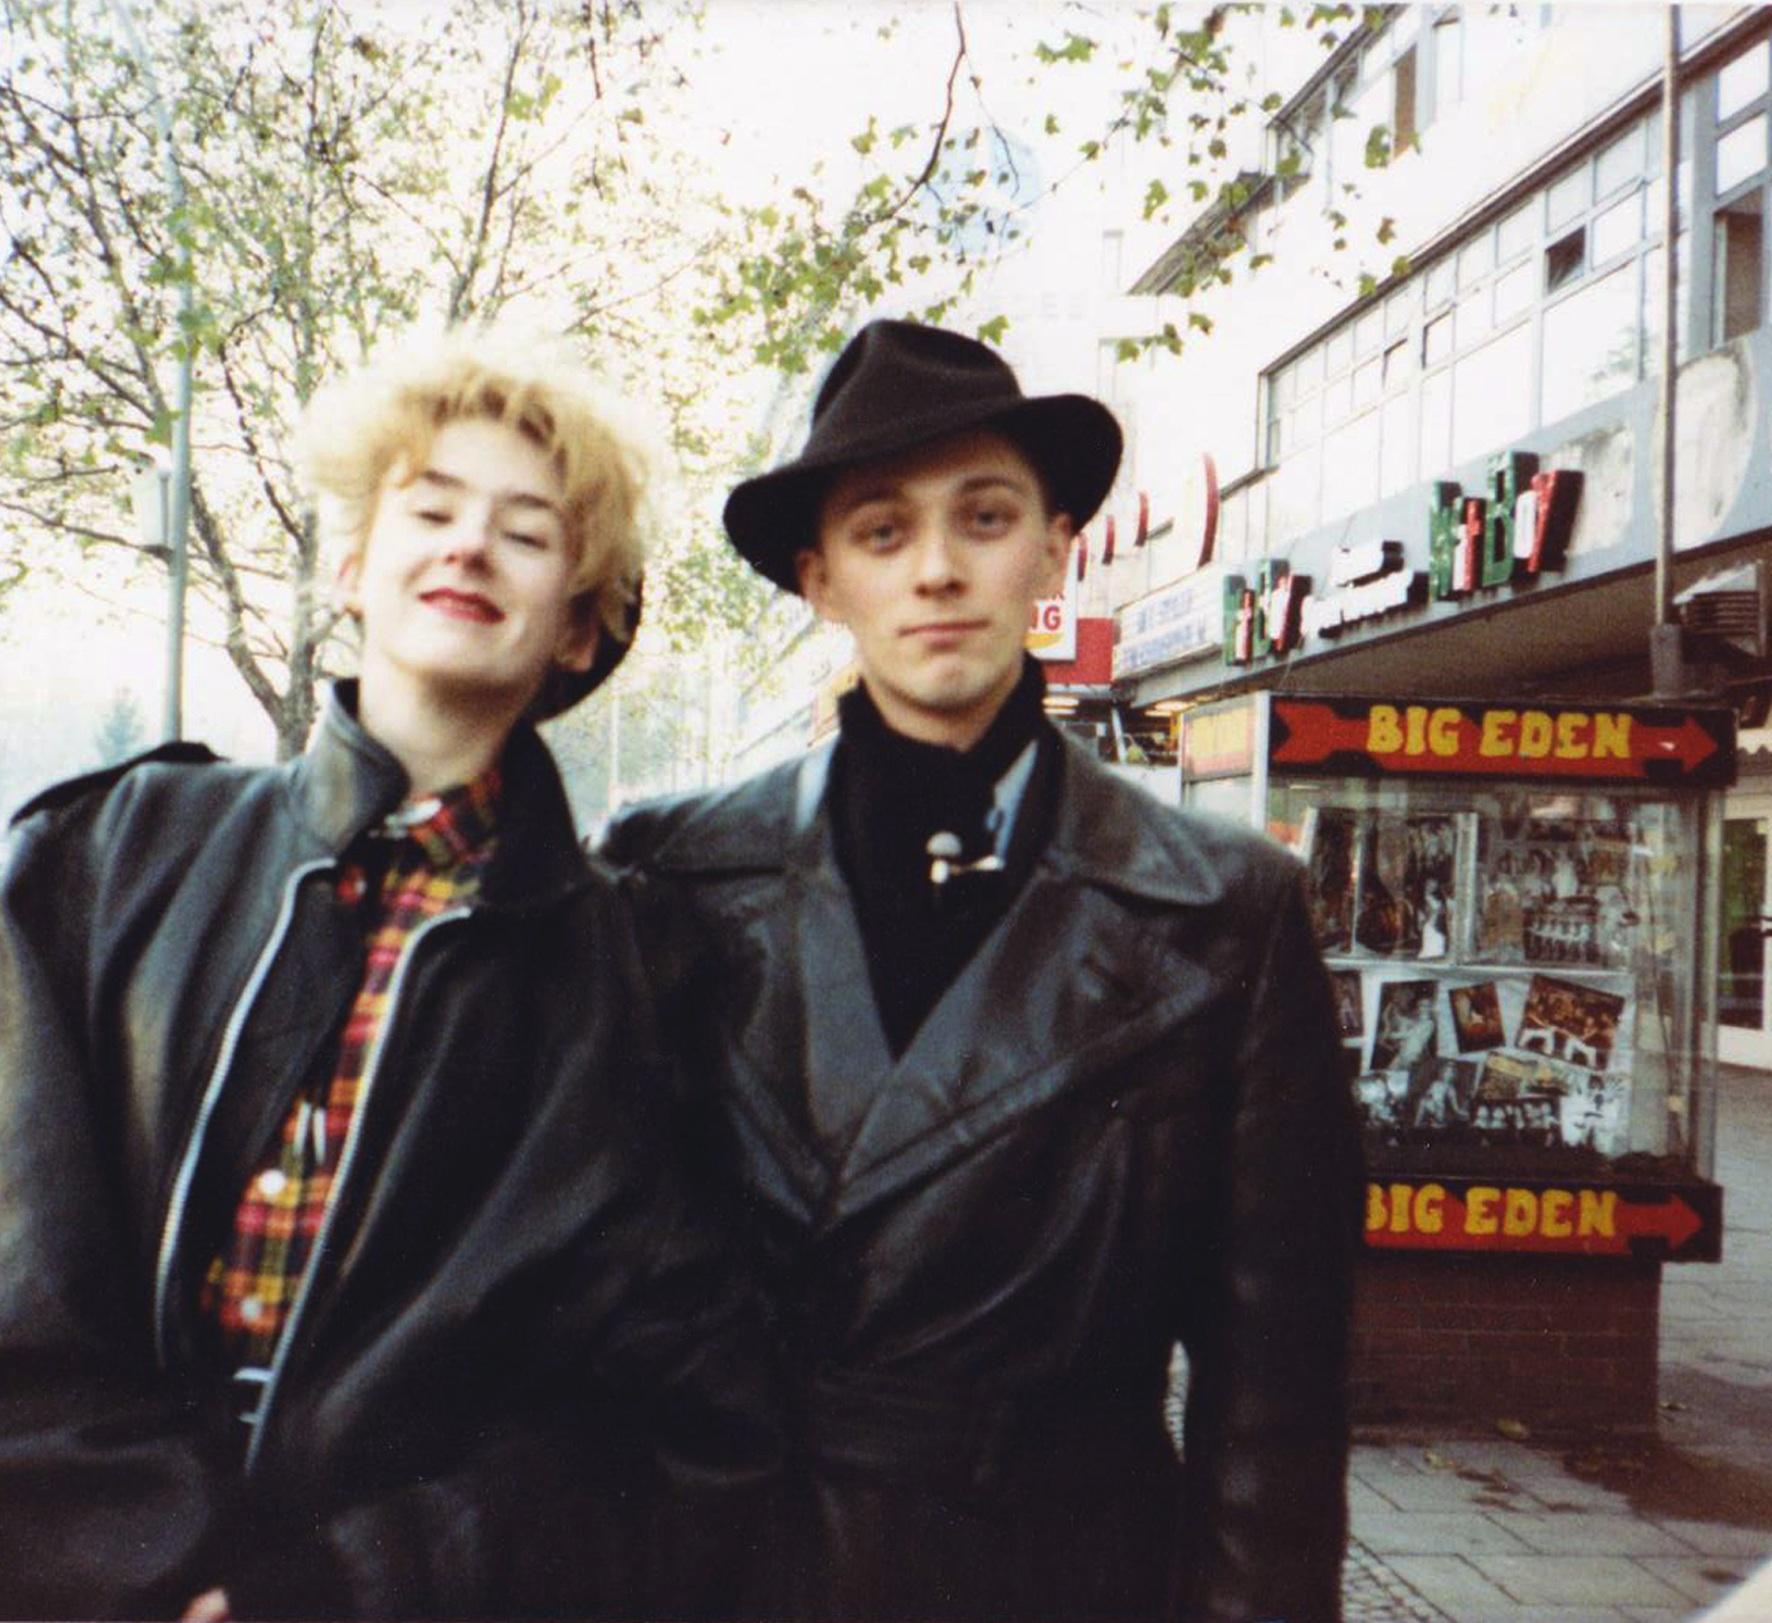 من فيلم الصوت فى برلين الغربية